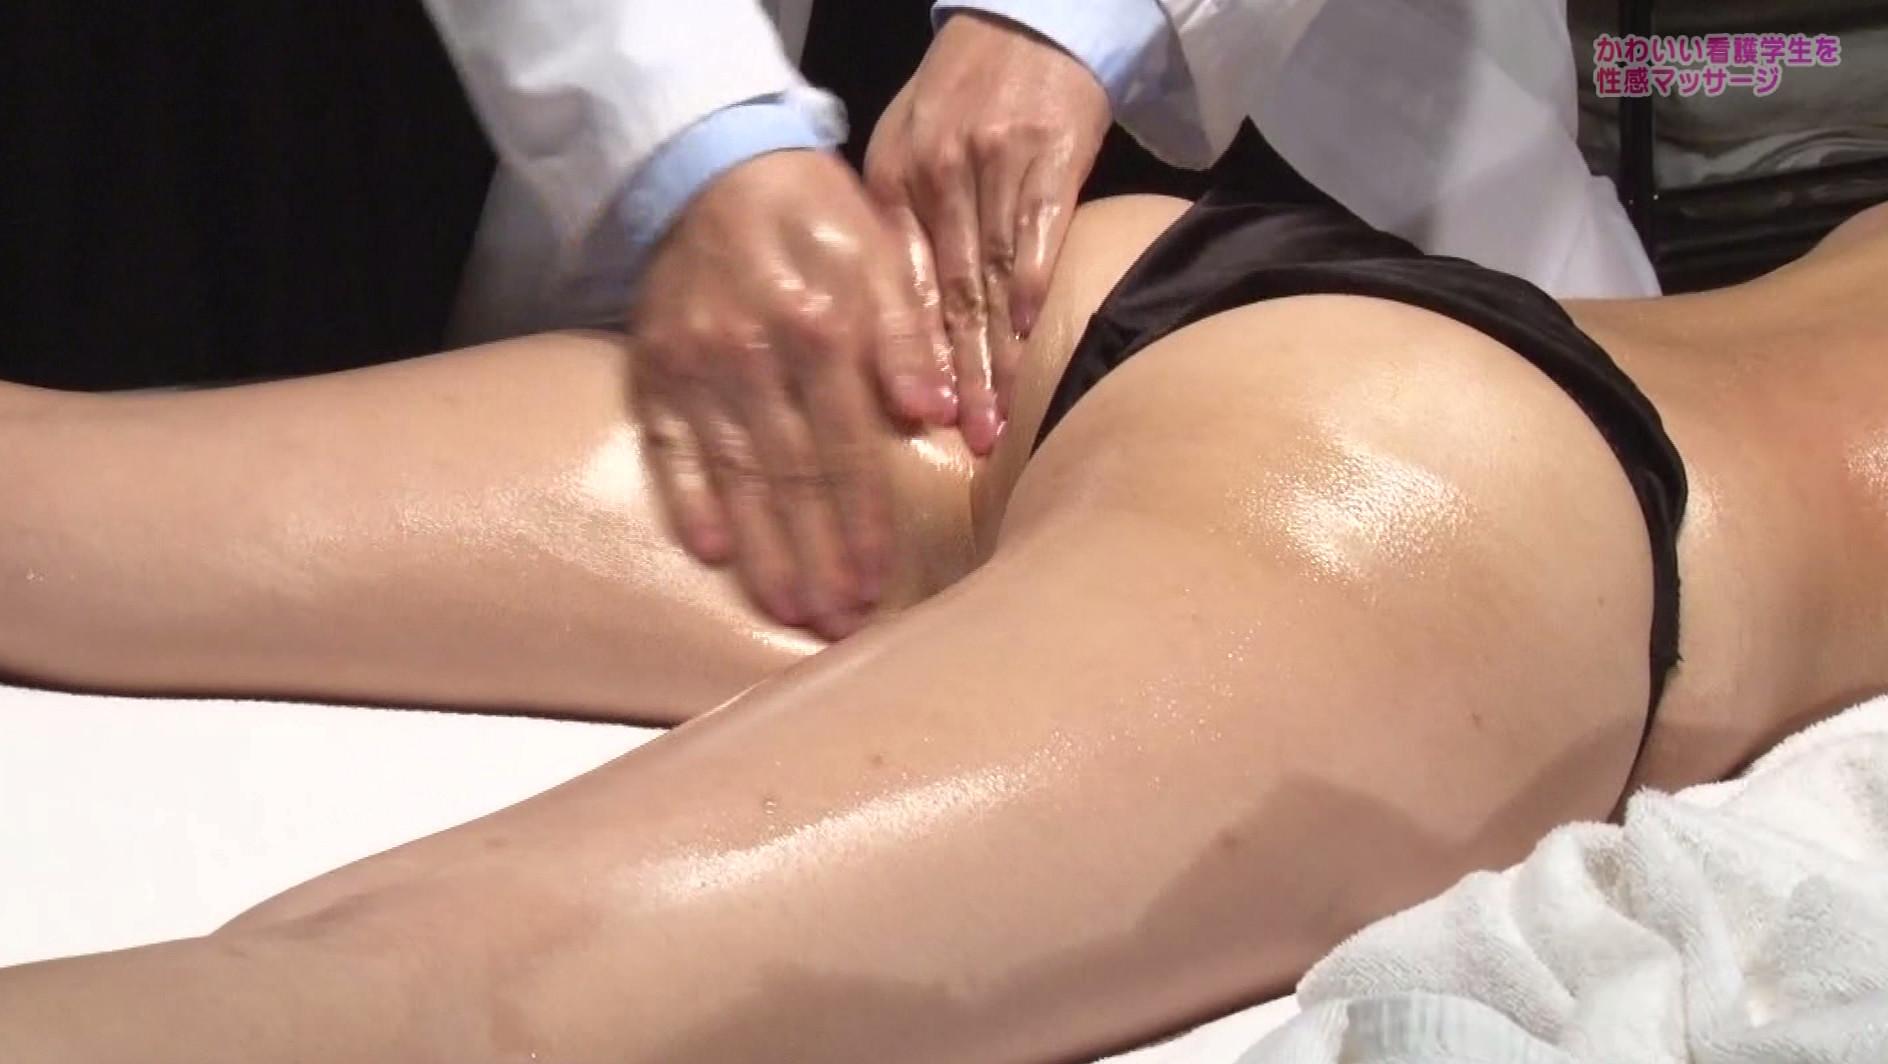 かわいい看護学生を性感マッサージでとことんイカせてみた 画像7